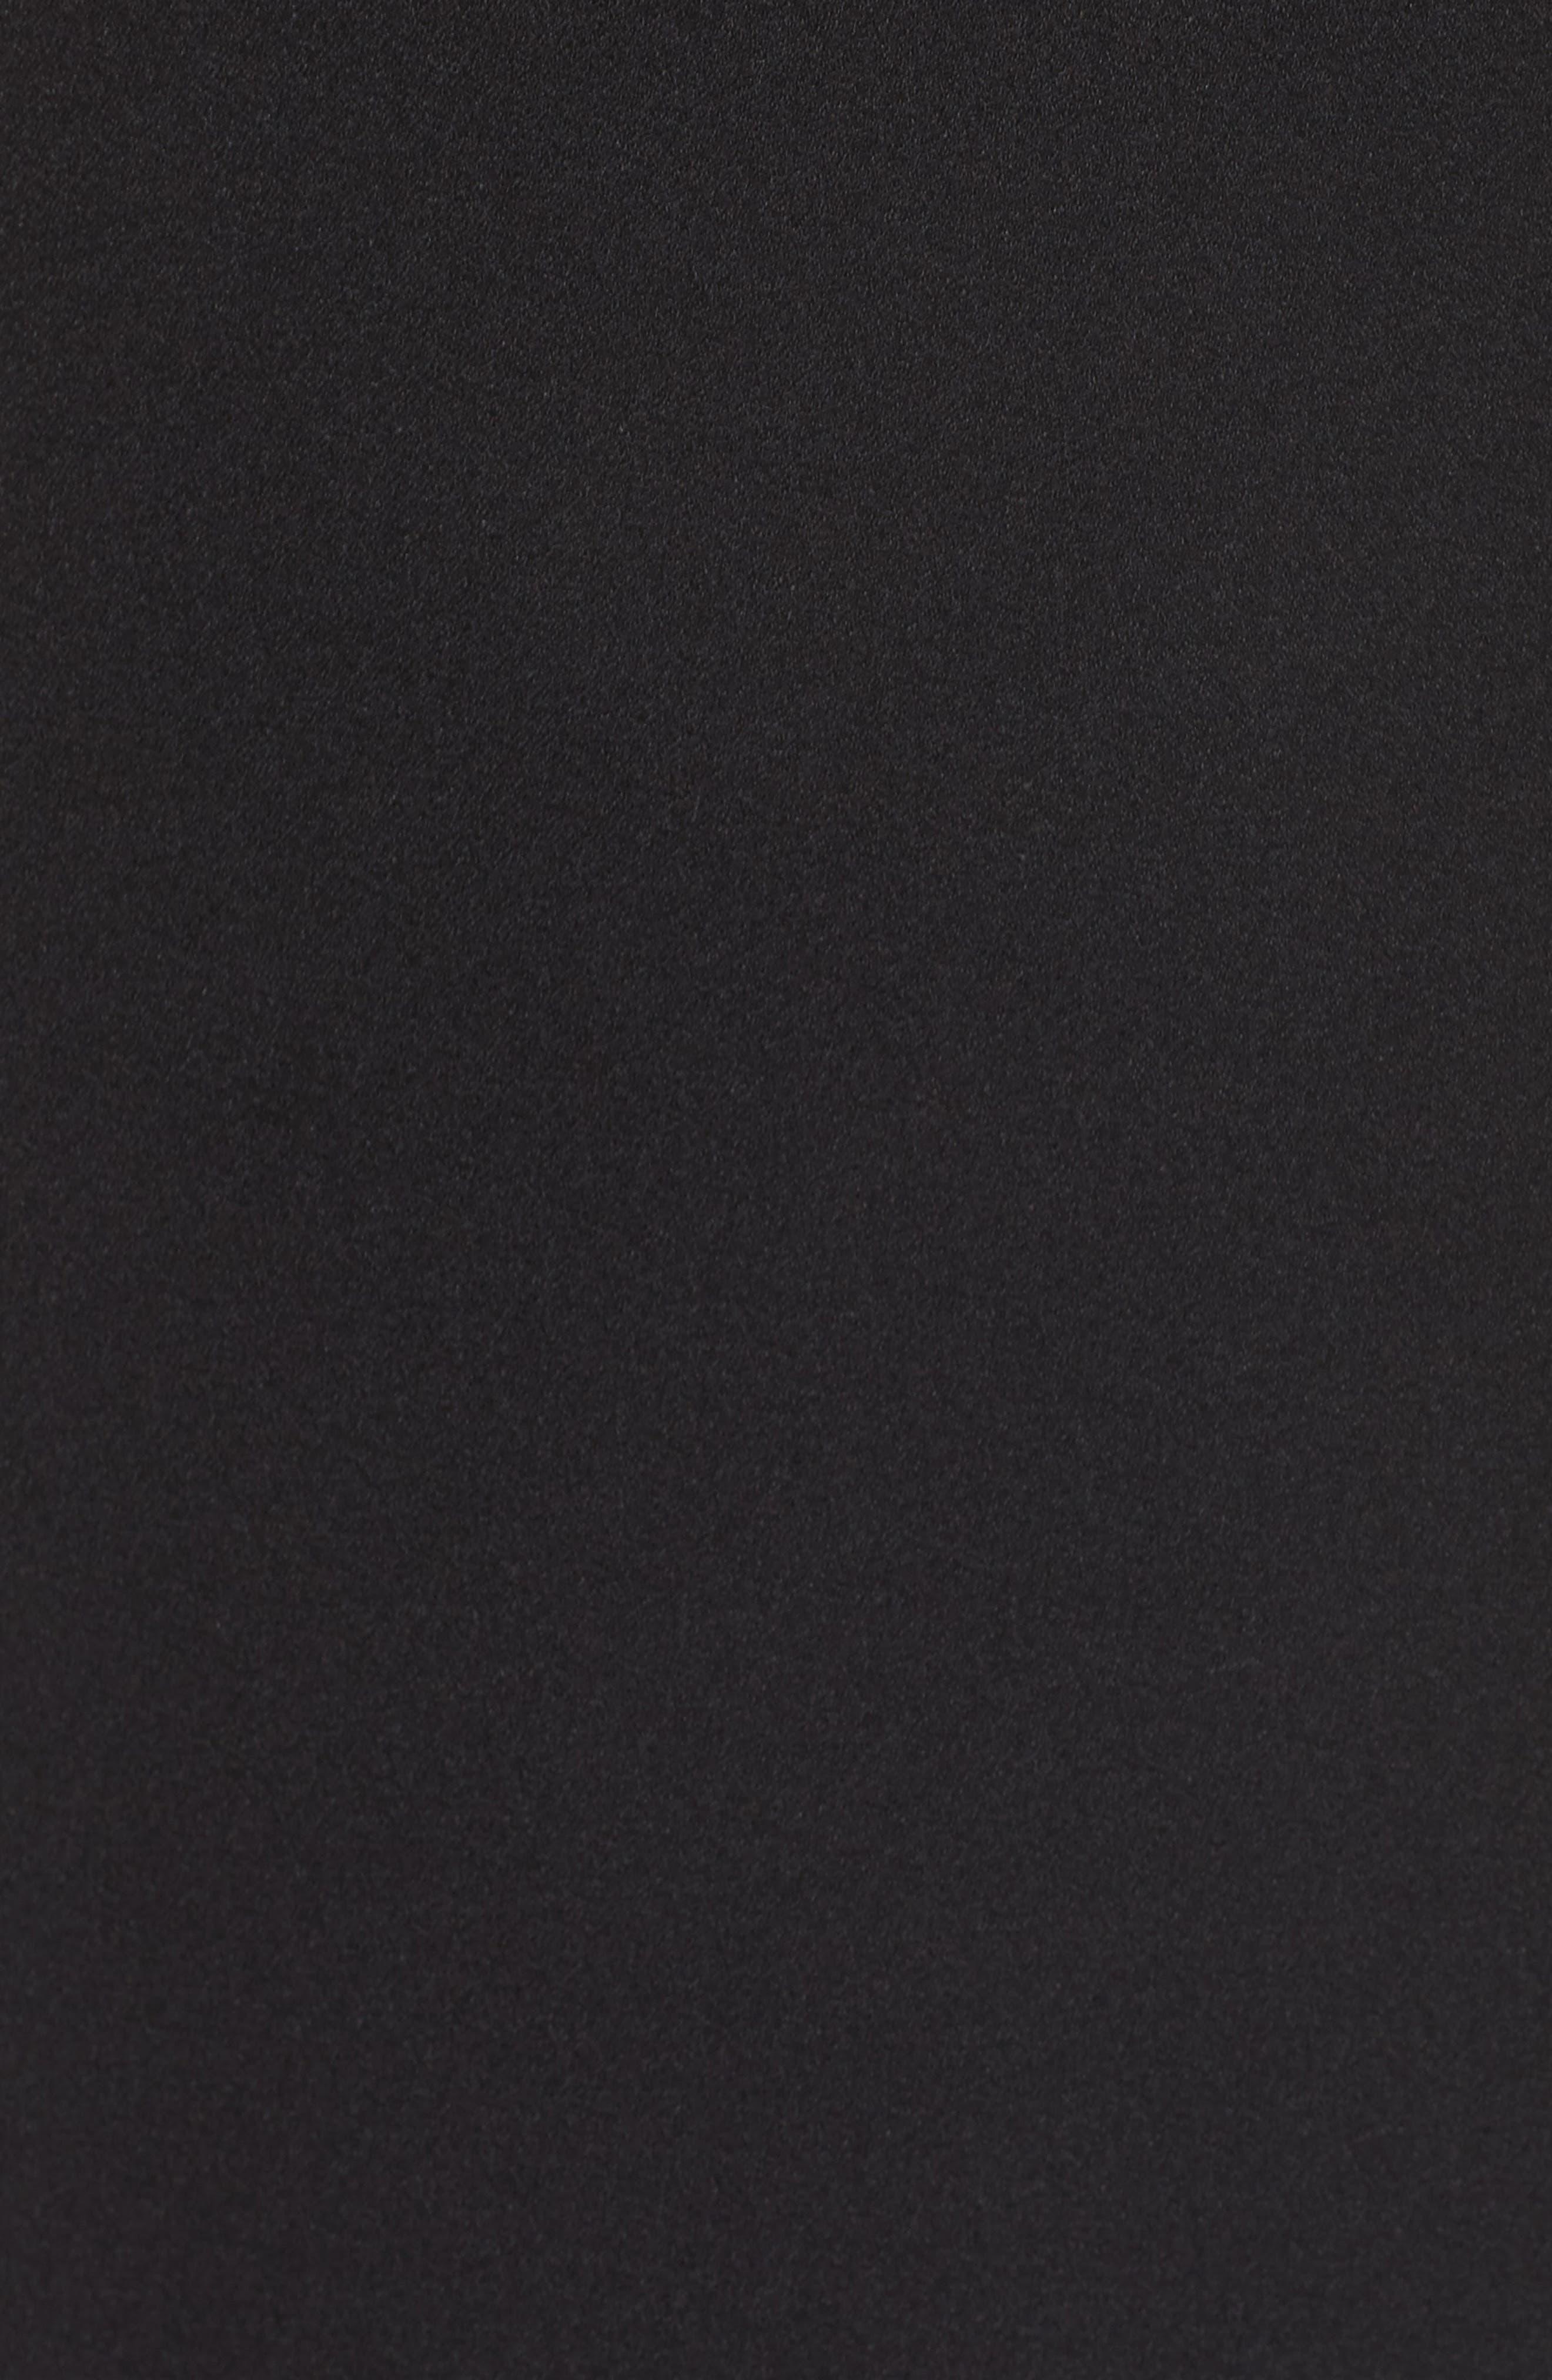 VINCE CAMUTO, Halter Tie Neck A-Line Dress, Alternate thumbnail 7, color, 001